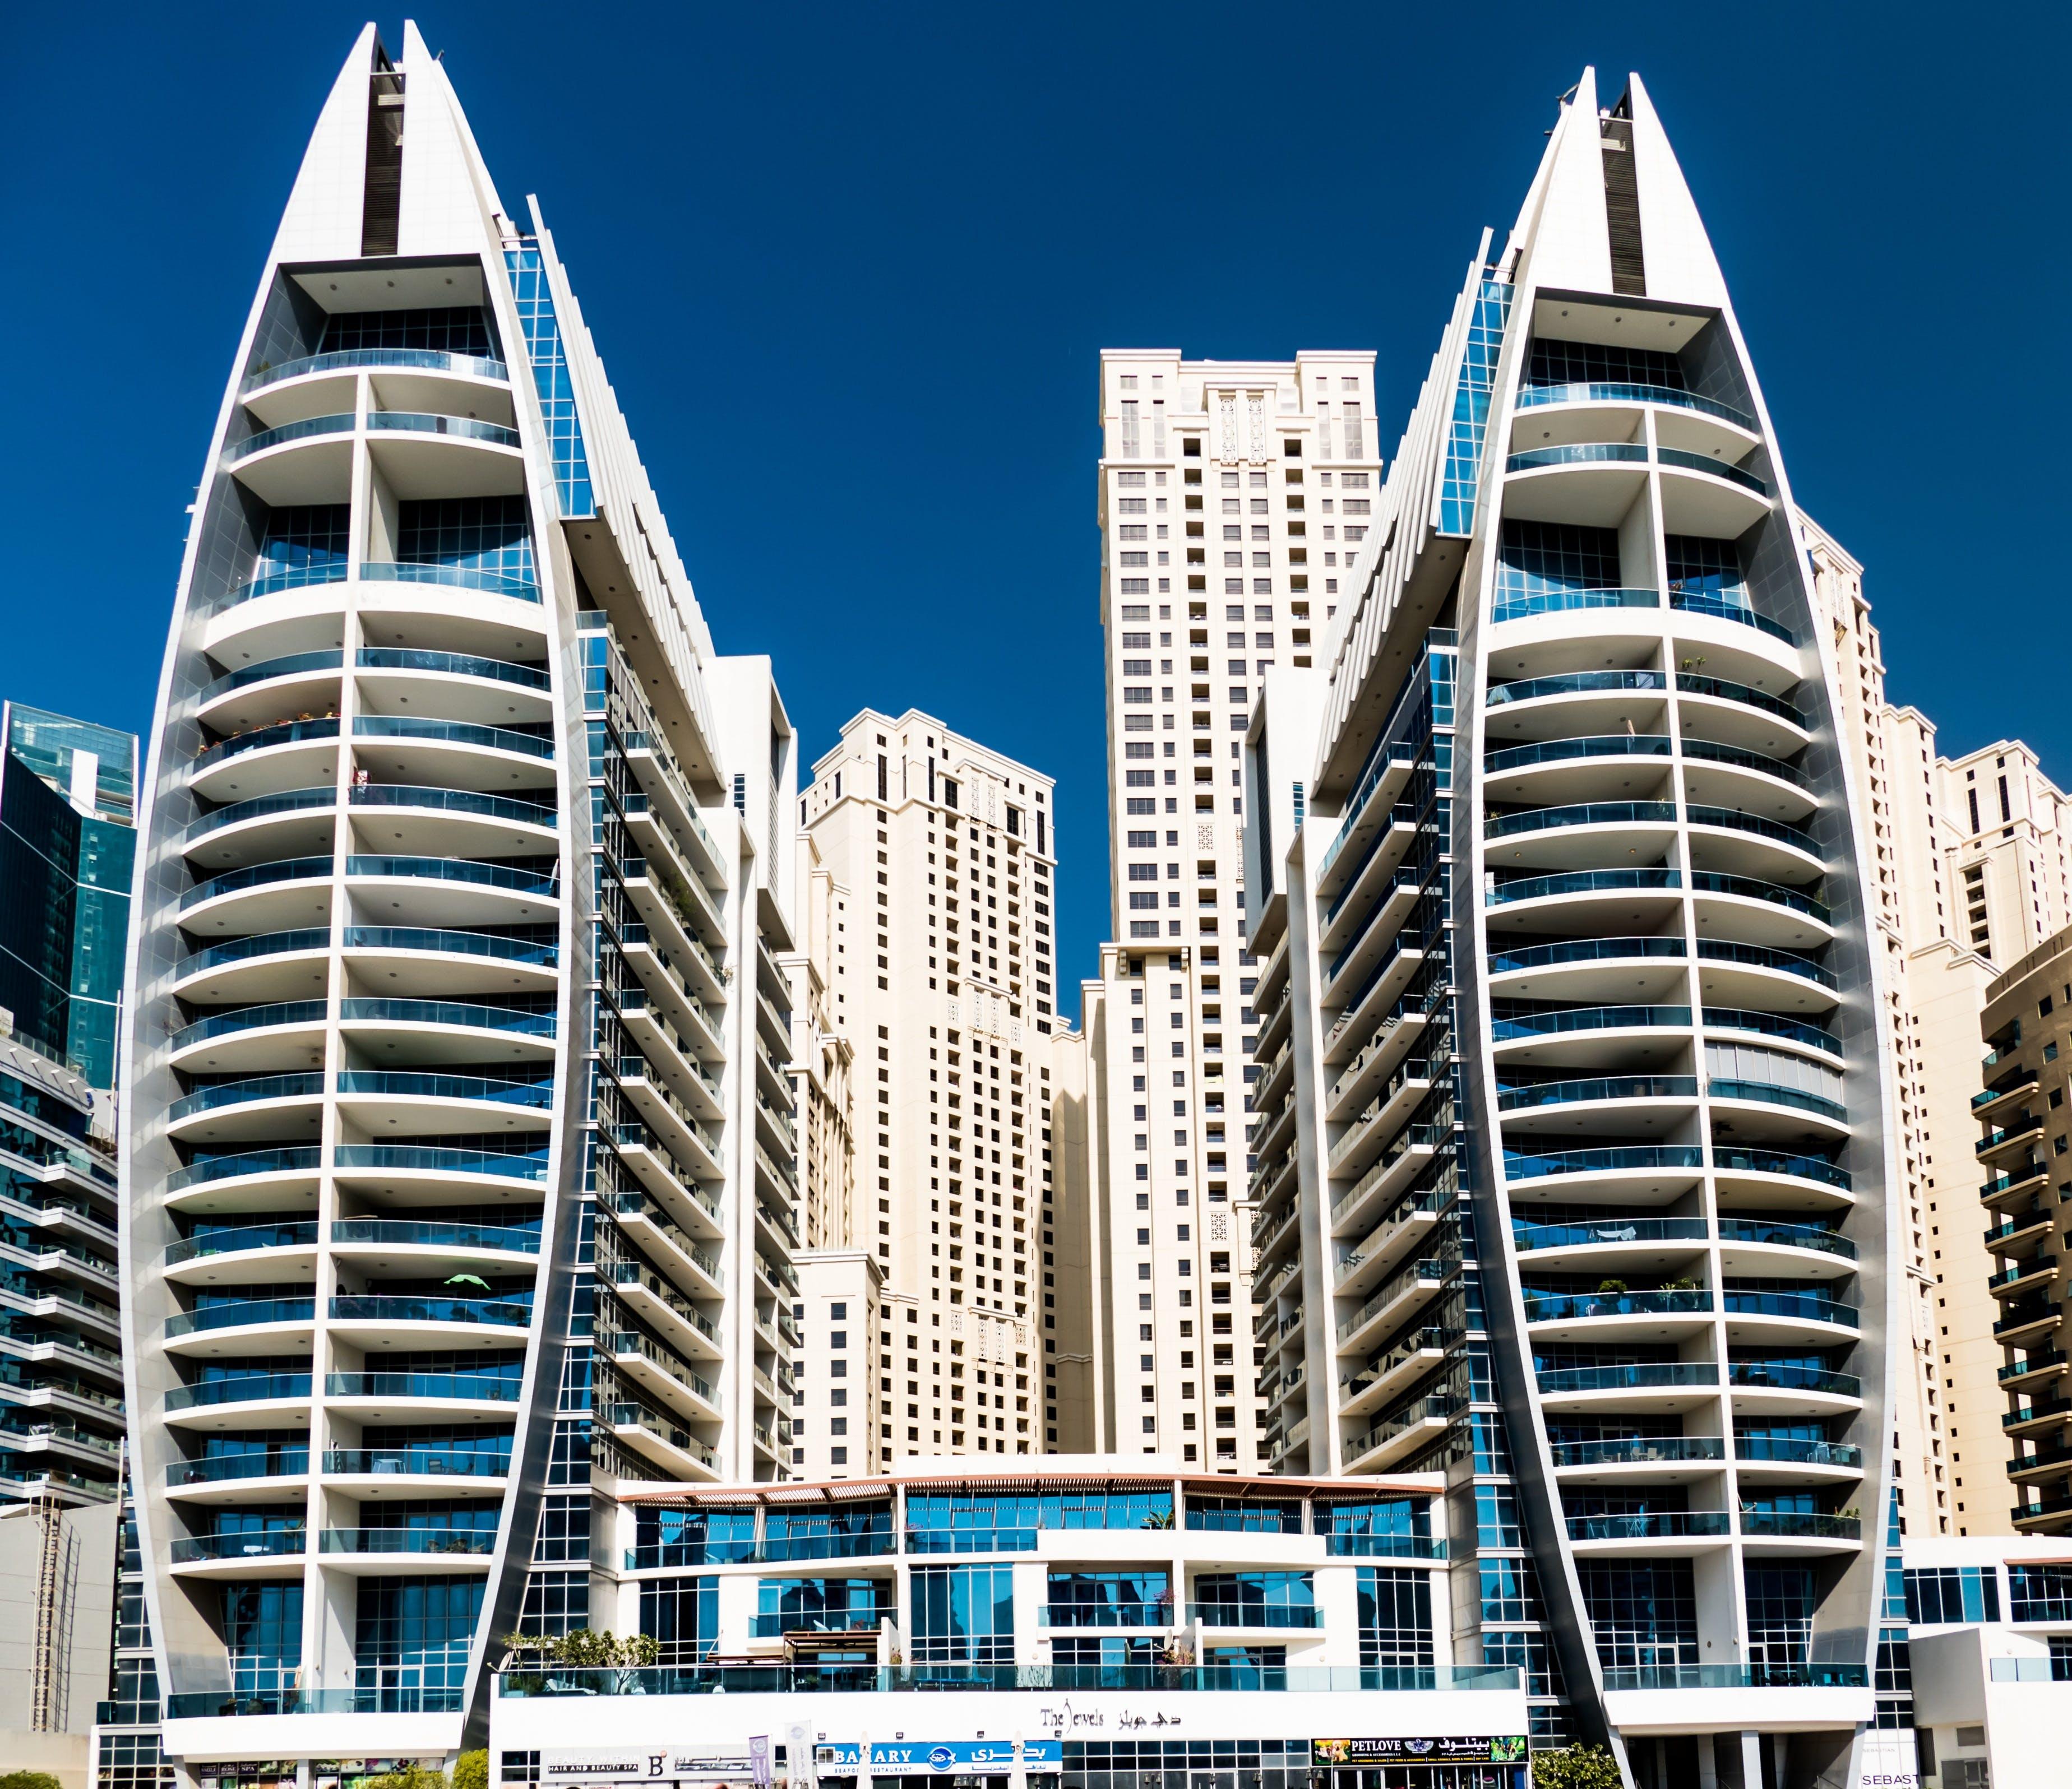 Free stock photo of skyscrapers, architecture, modern, skyscraper